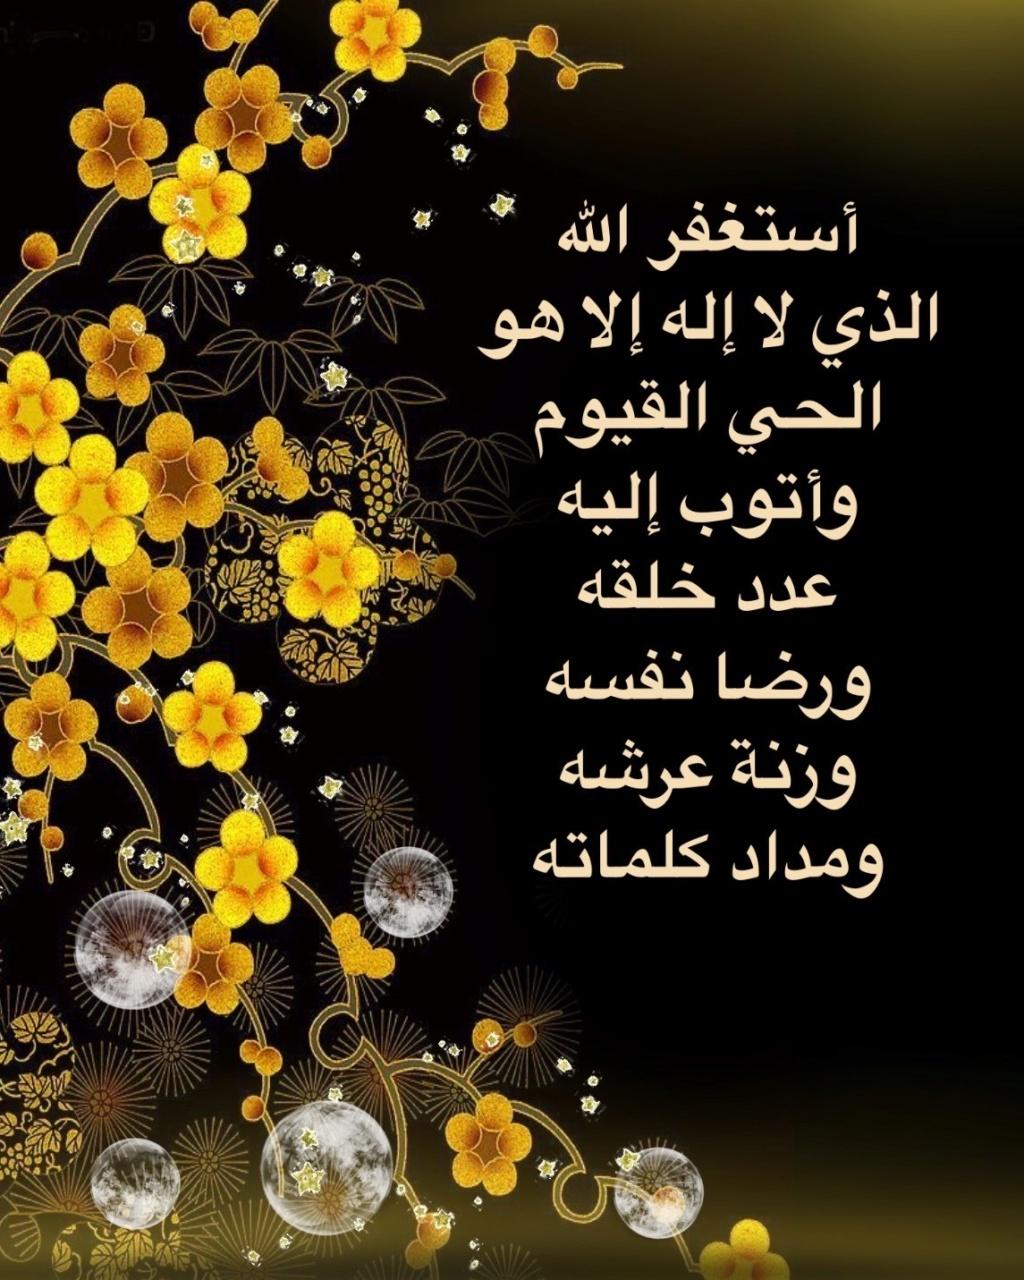 صفحة الاستغفار اليومي لكل الاعضاء ـ لنستغفر الله على الاقل 3 مرات في الصباح والمساء//سعيد الاعور - صفحة 11 Img_9515